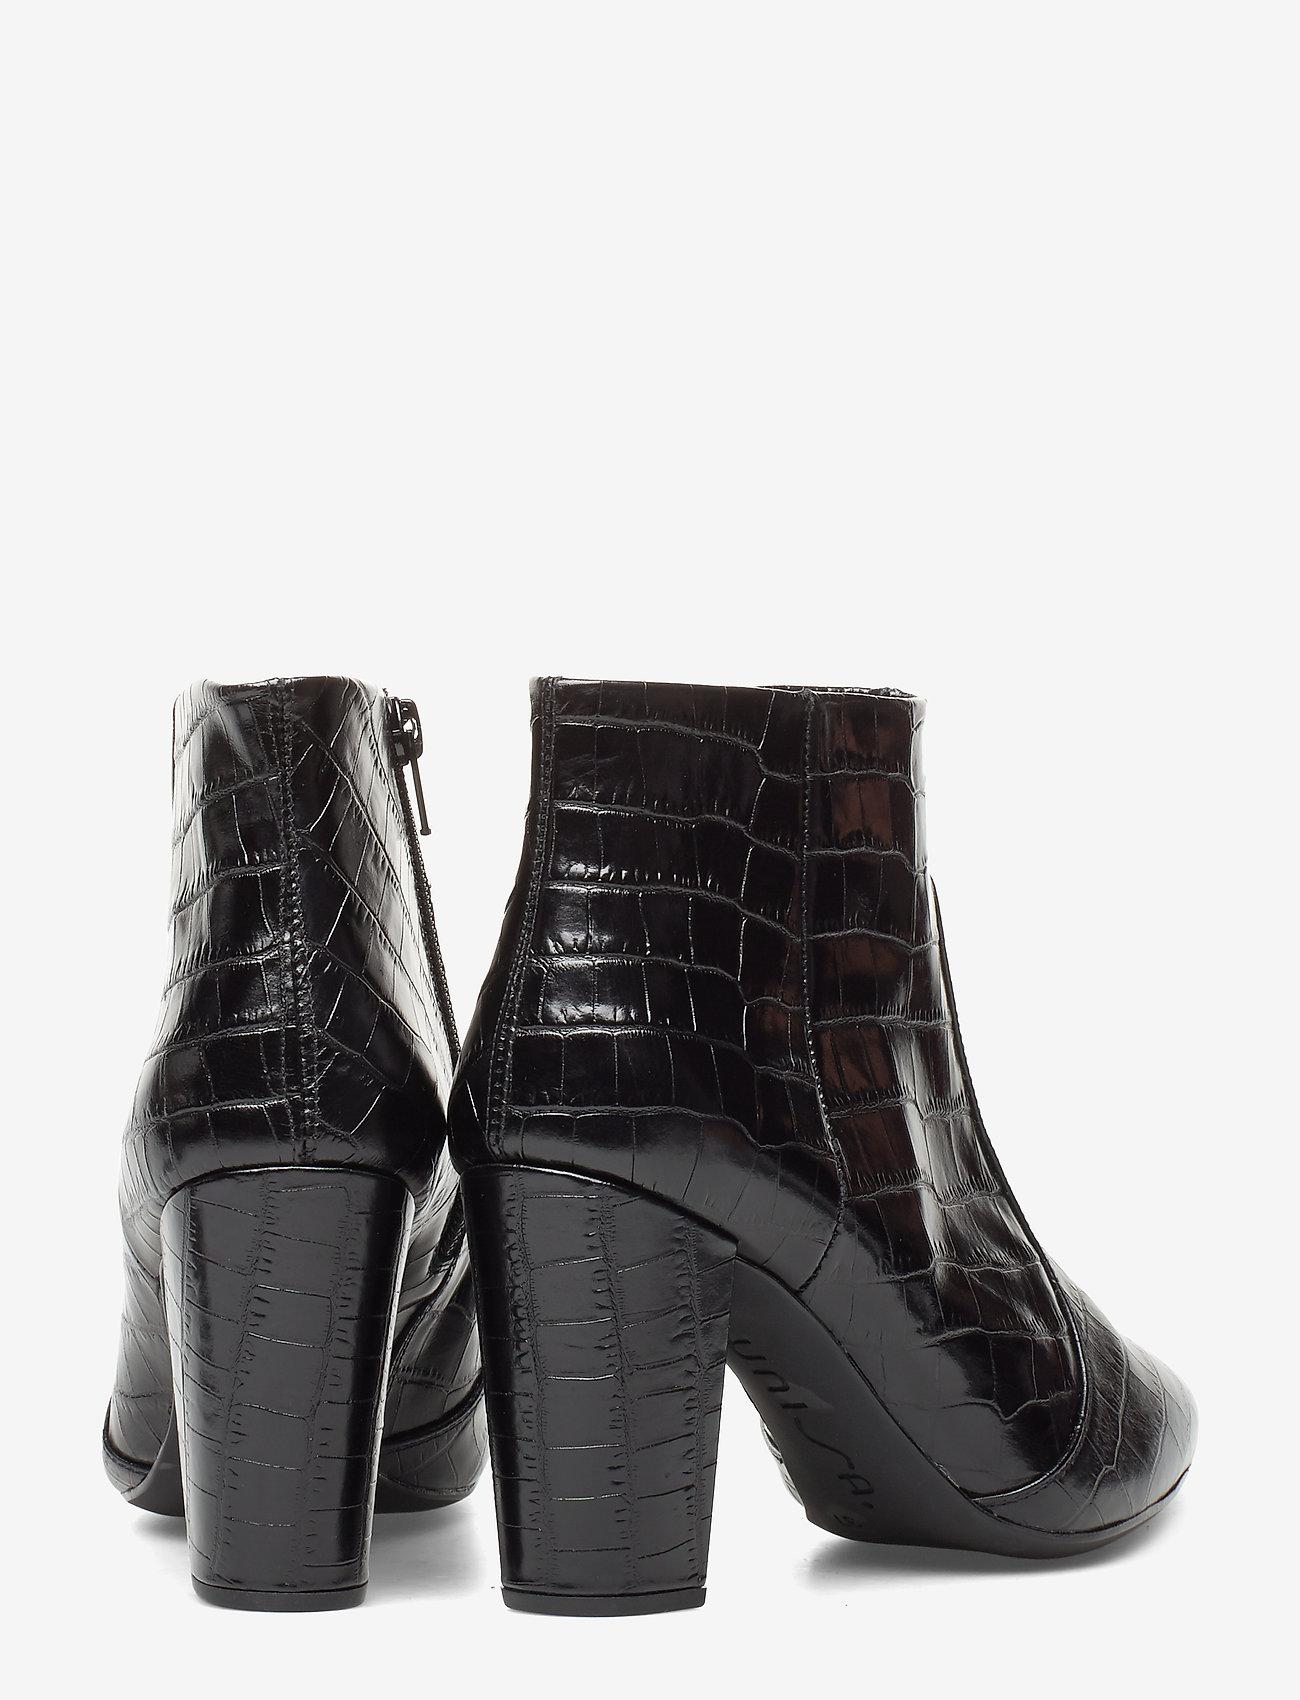 Tilden_cro (Black) (779.40 kr) - UNISA